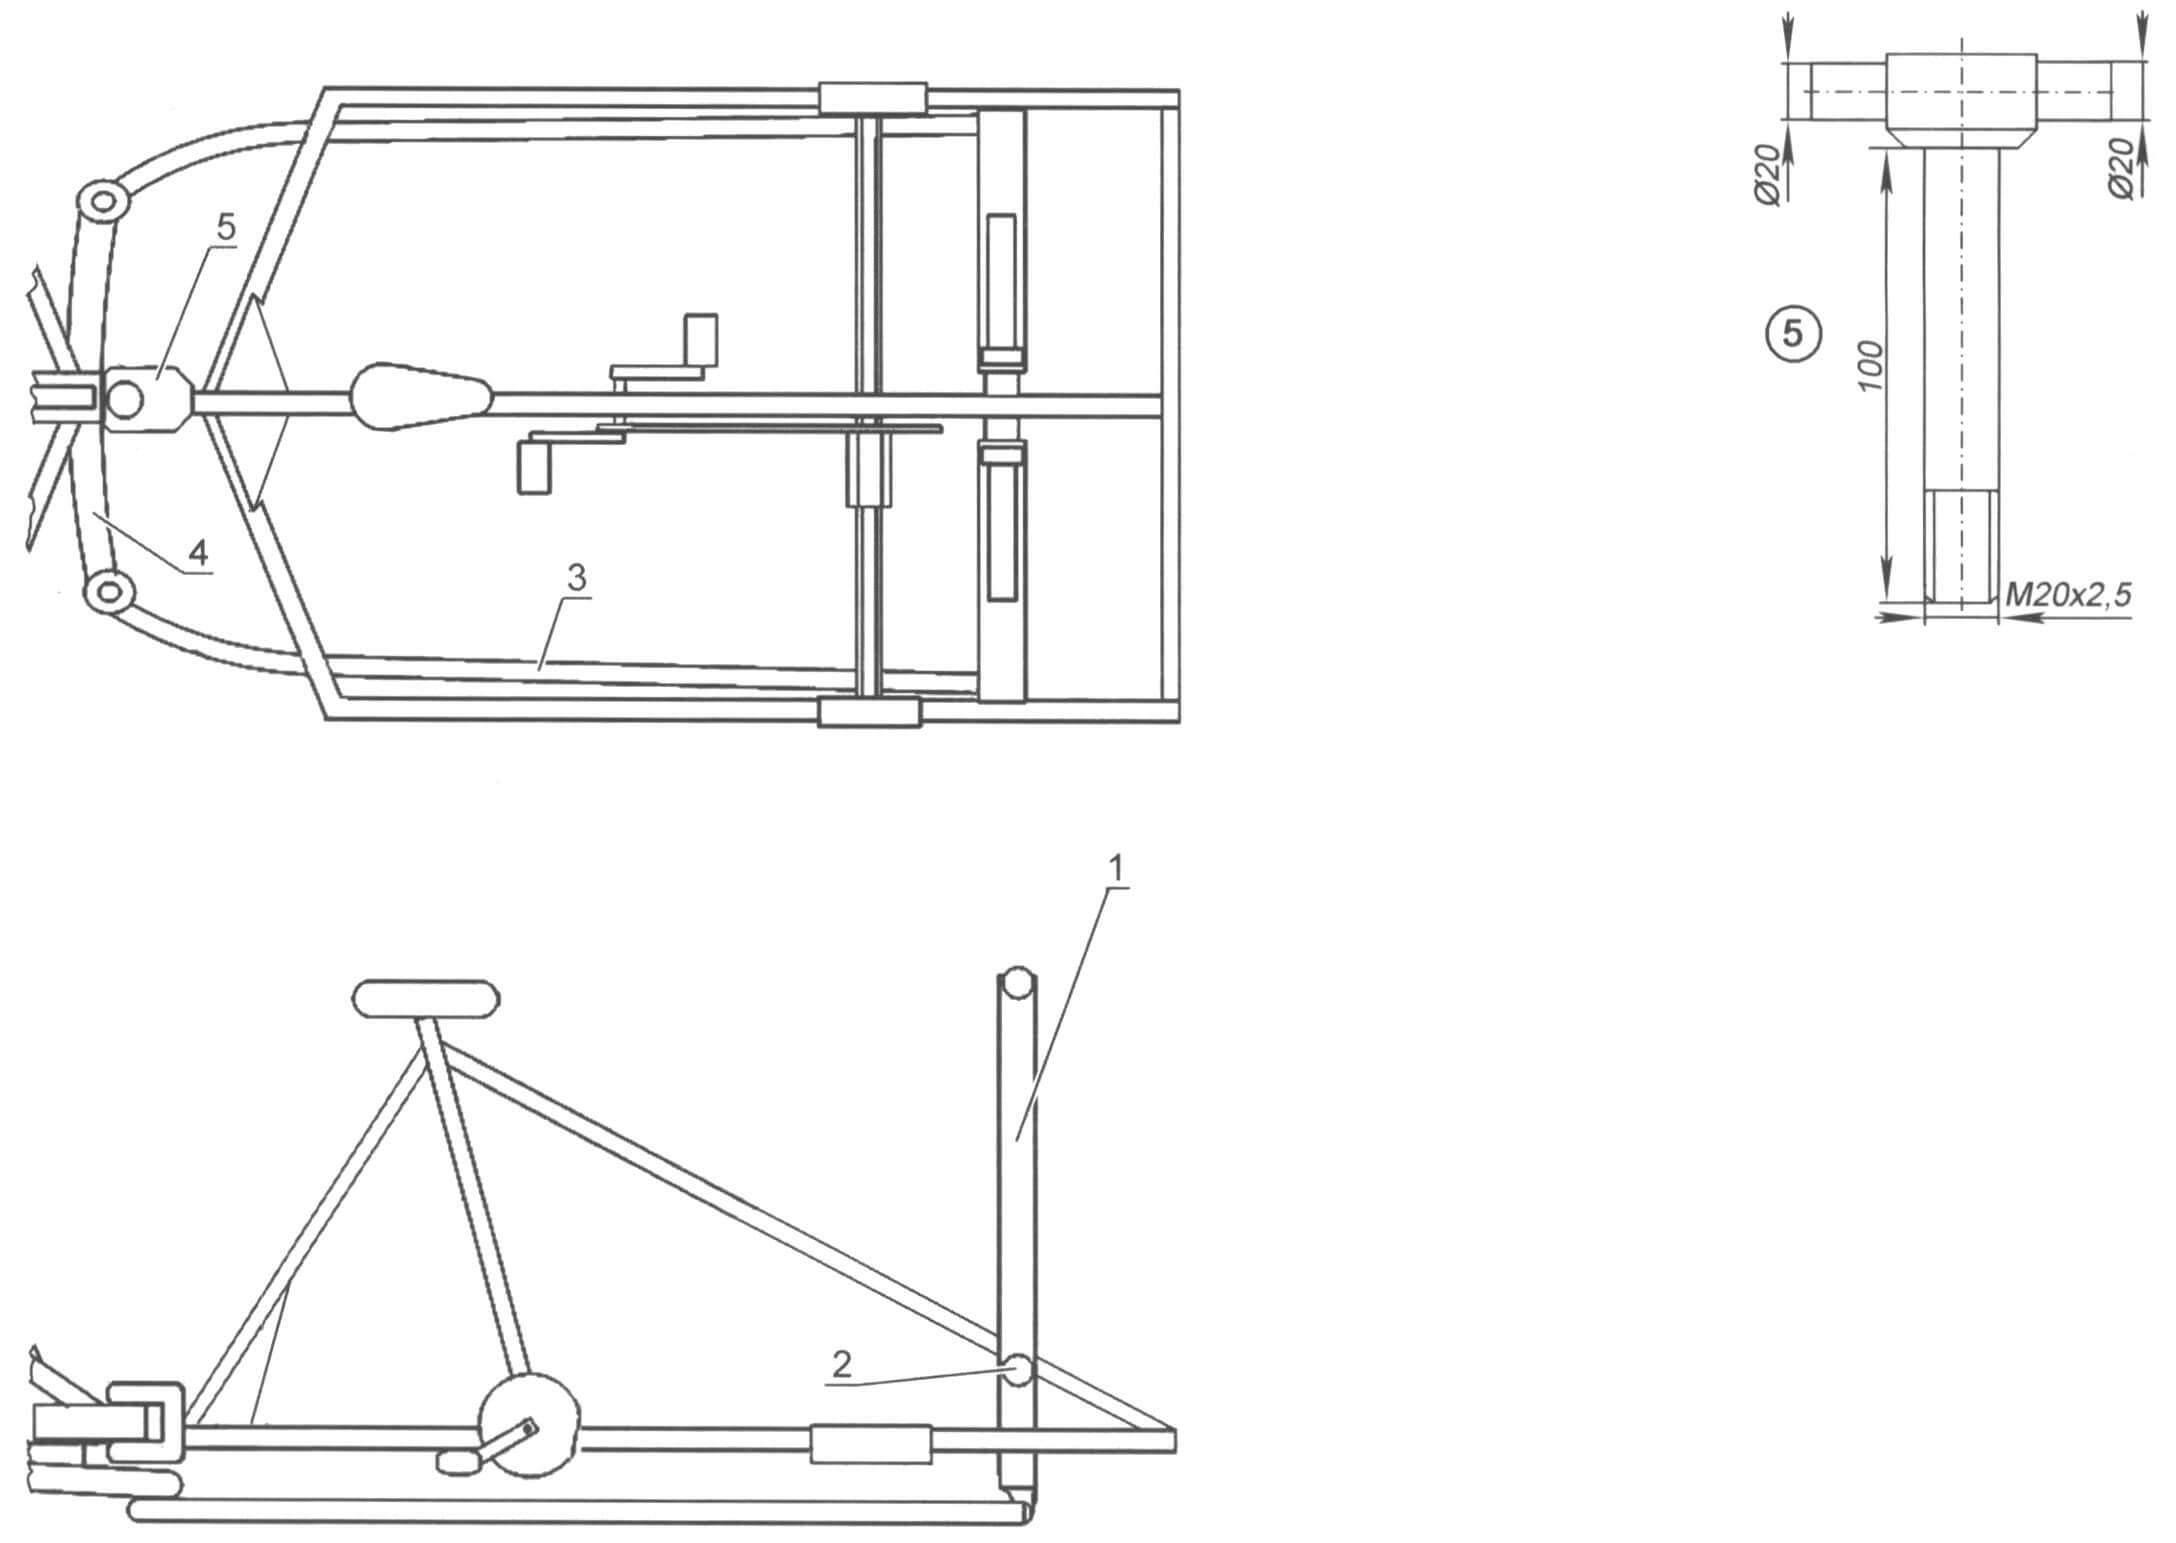 Рис. 4. Рулевое управление (рама - наложенная проекция)